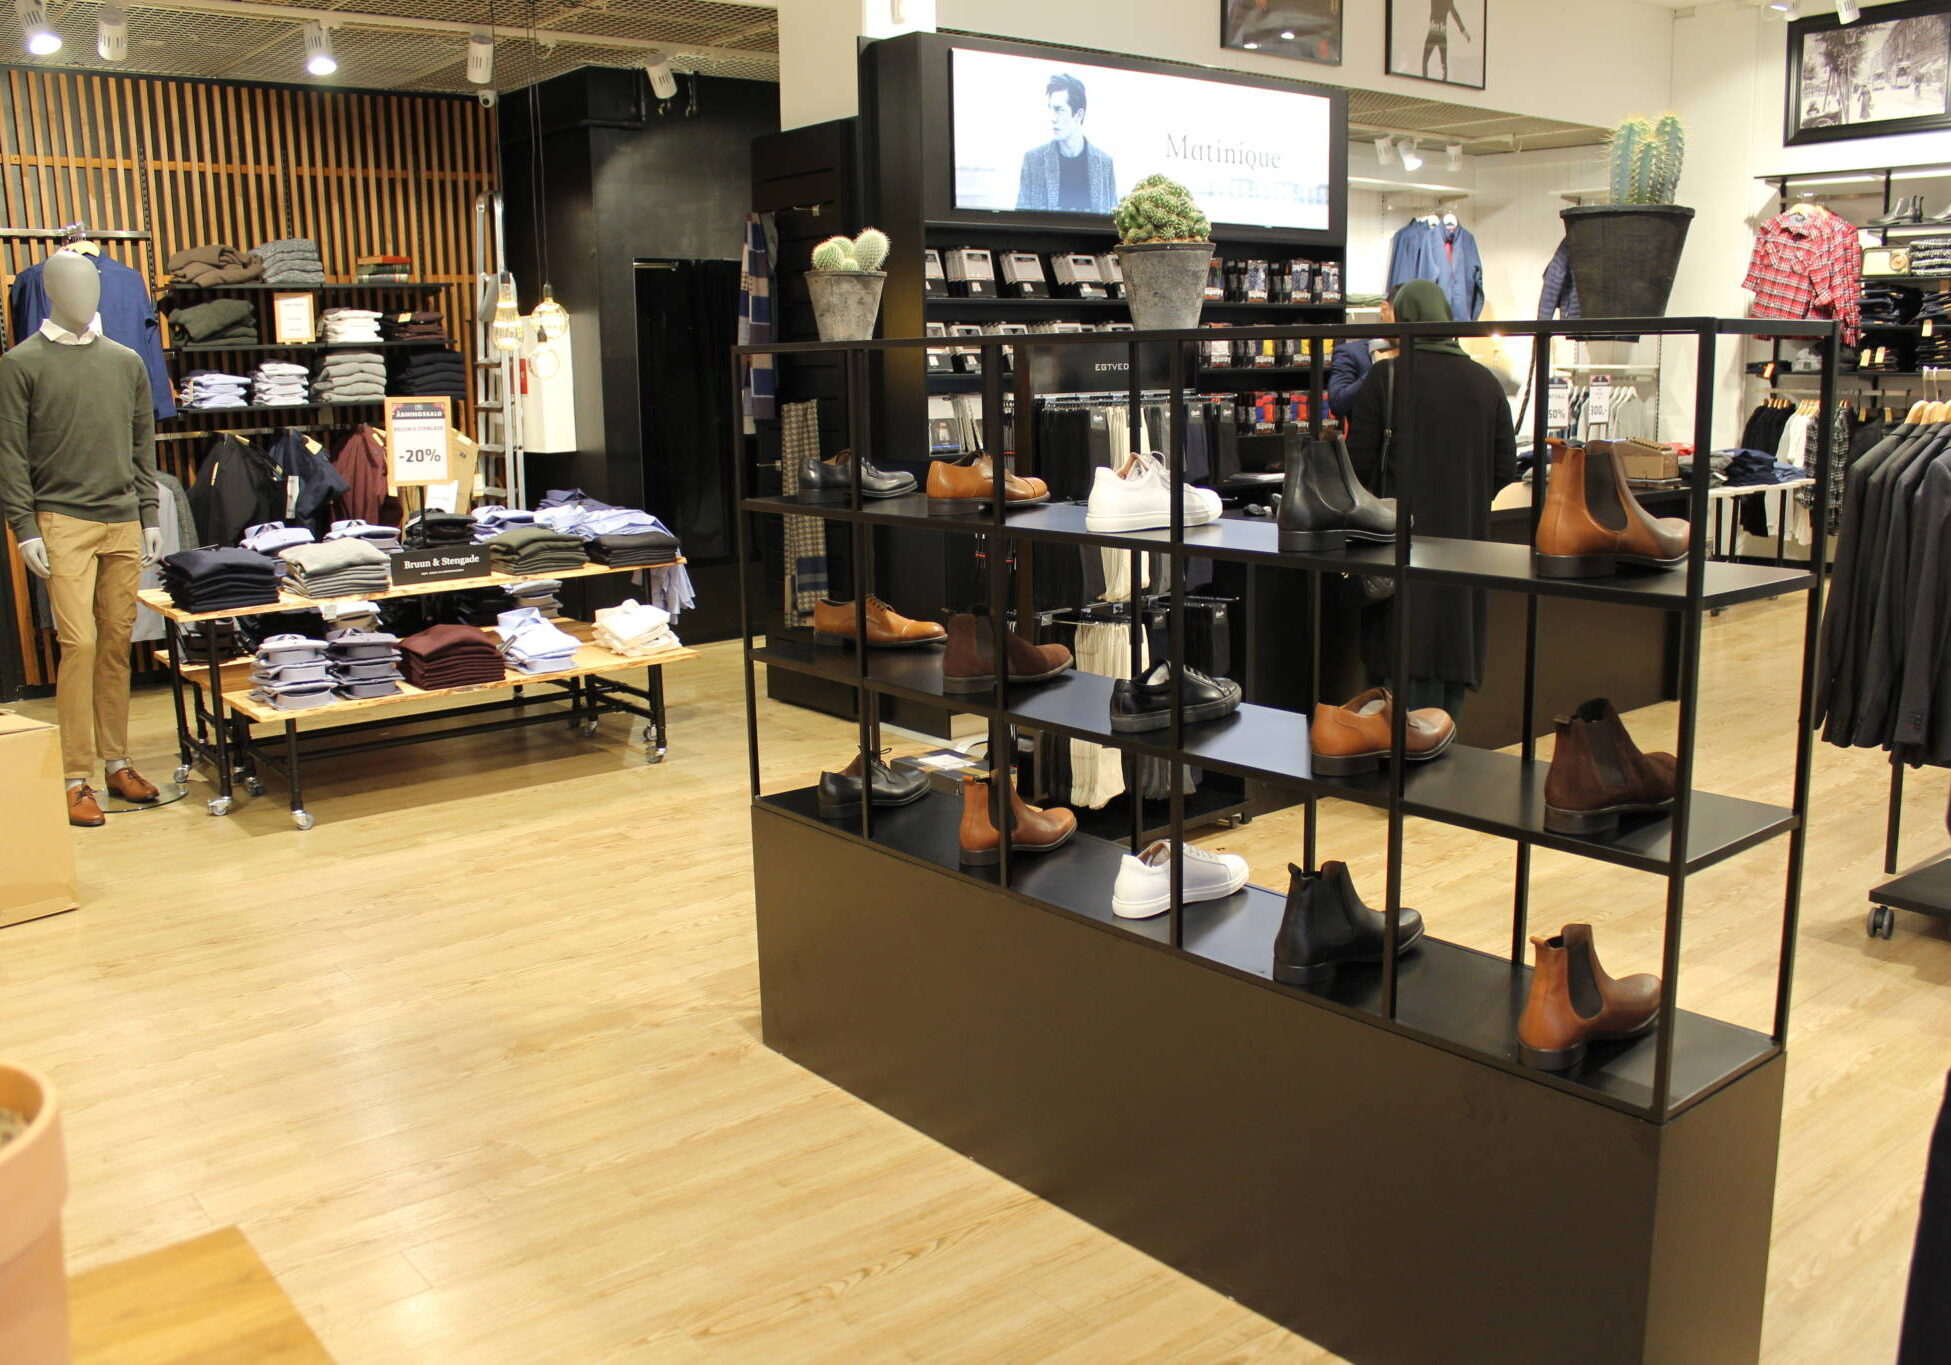 Trendy indrettet herrebutik. Butiksindretning og butiksinventar